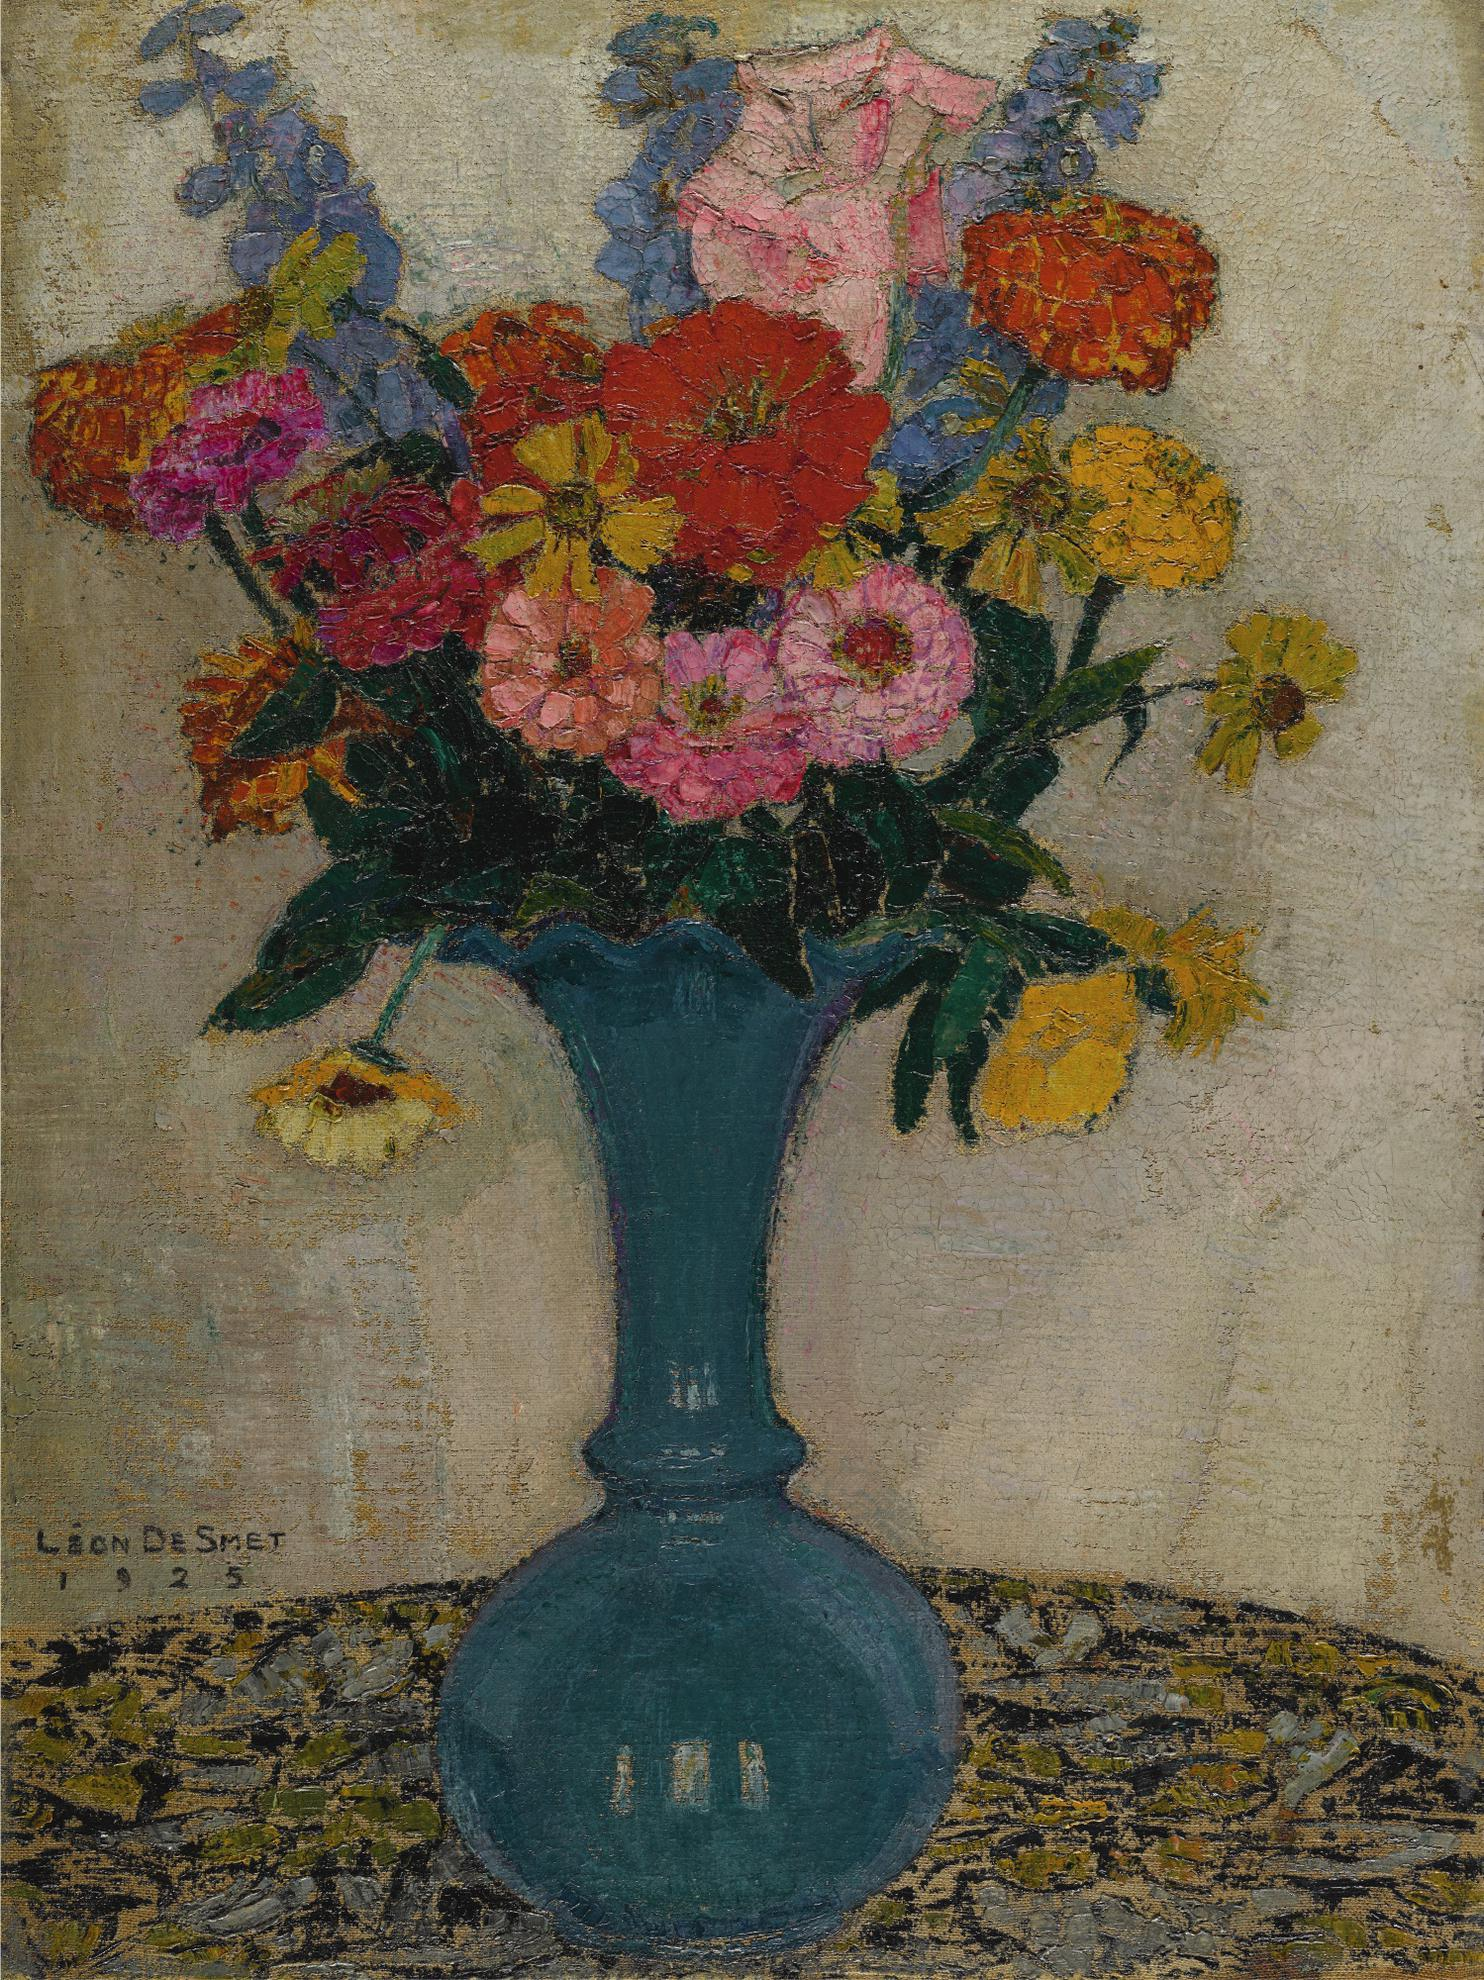 Leon De Smet-Bouquet De Fleurs-1925